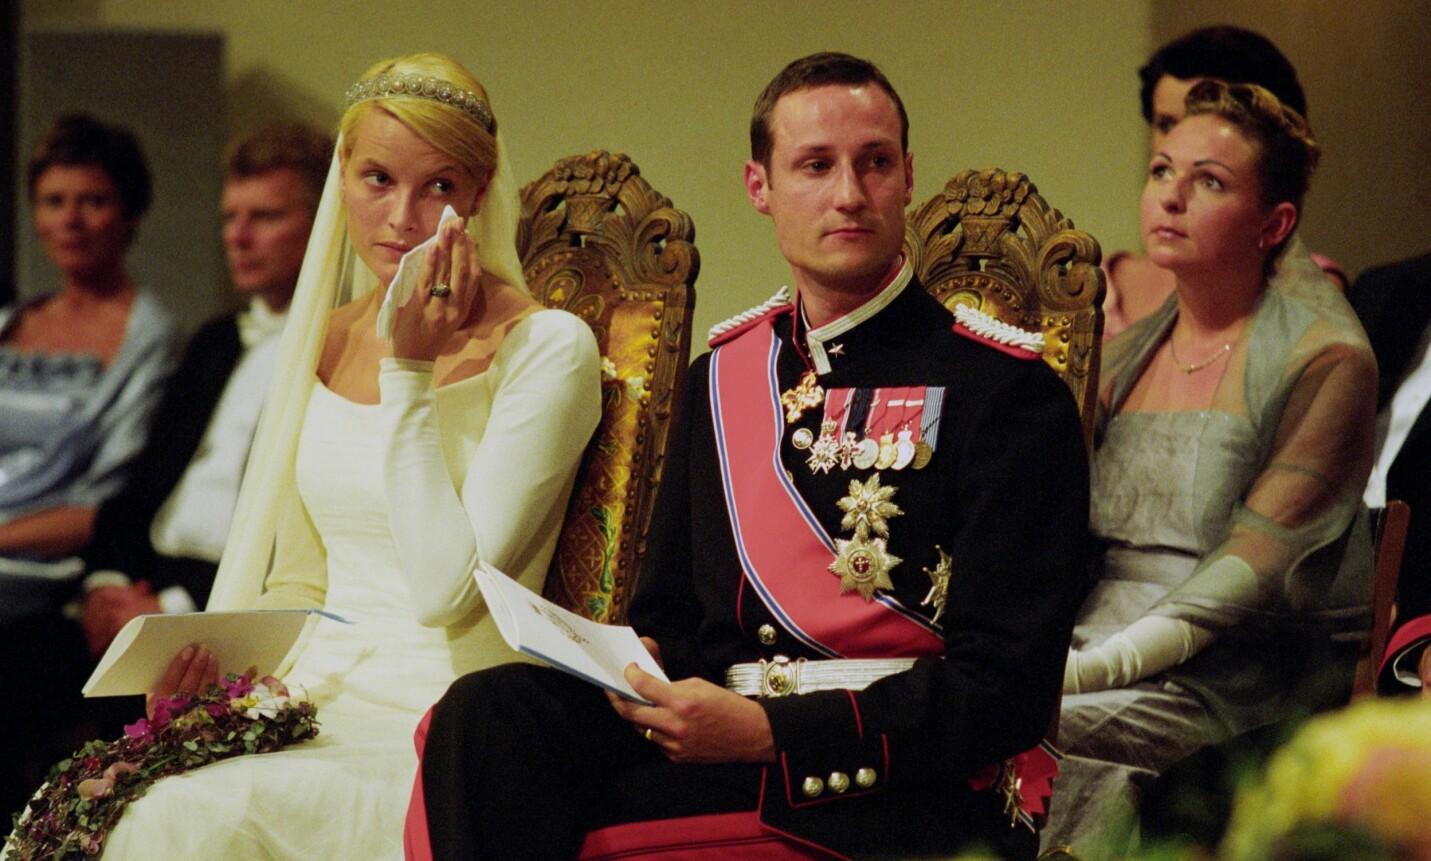 MÅTTE ENDRE LIVET SITT: Etter at Linda Tånevik (bak t.h.) var forlover for kronprinsesse Mette-Marit da hun giftet seg med kronprins Haakon i 2001, følte hun seg tom - og innså at hun ville hjelpe andre. Foto: Bjørn Sigurdsøn / NTB scanpix